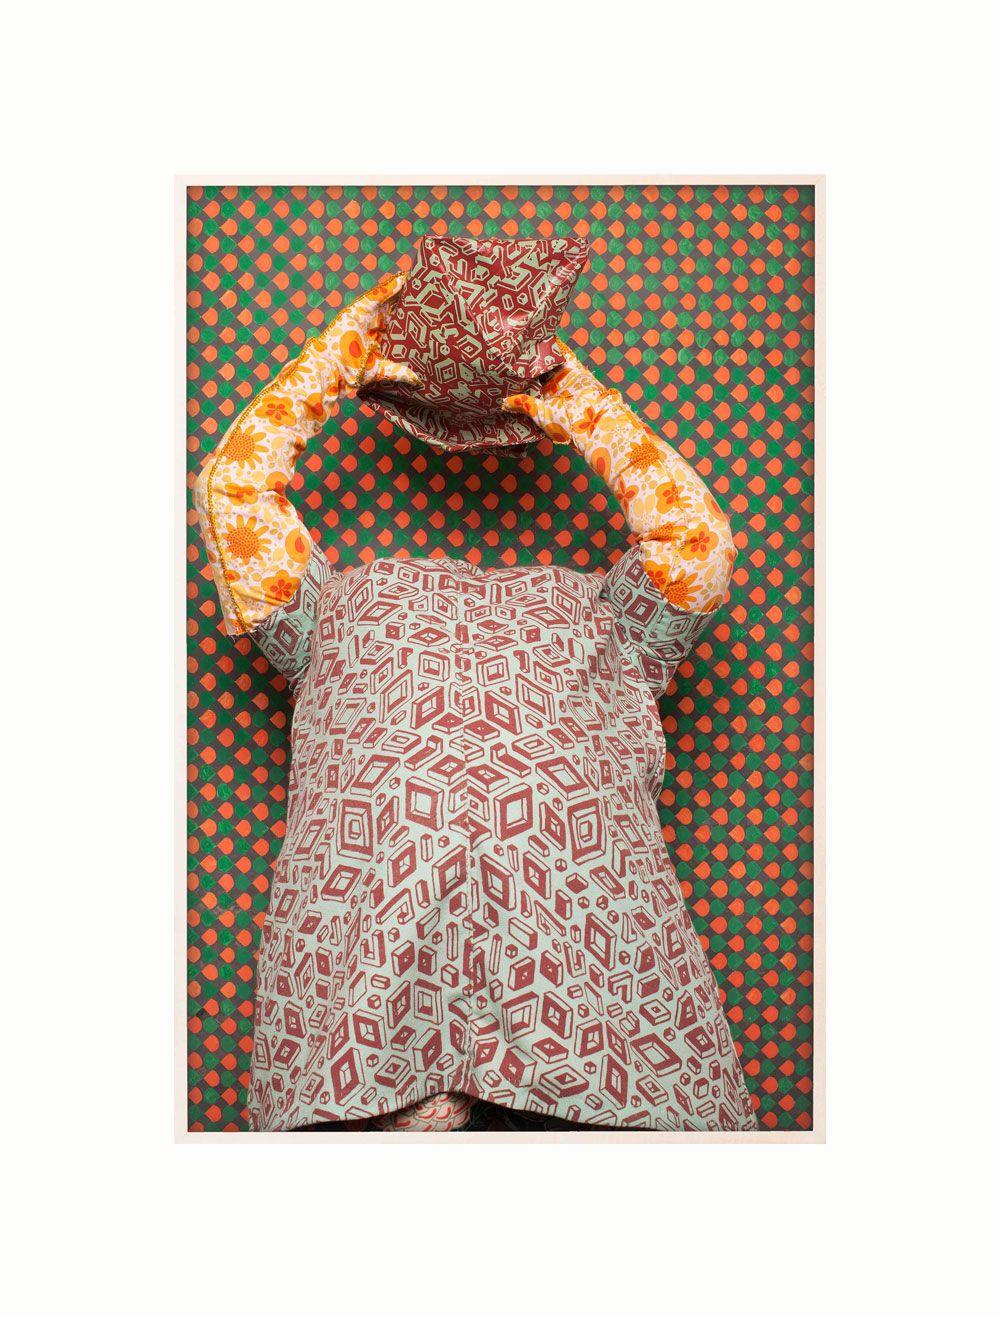 Improvisation 2: Green Dress 2, Michelle Forsyth, 2020